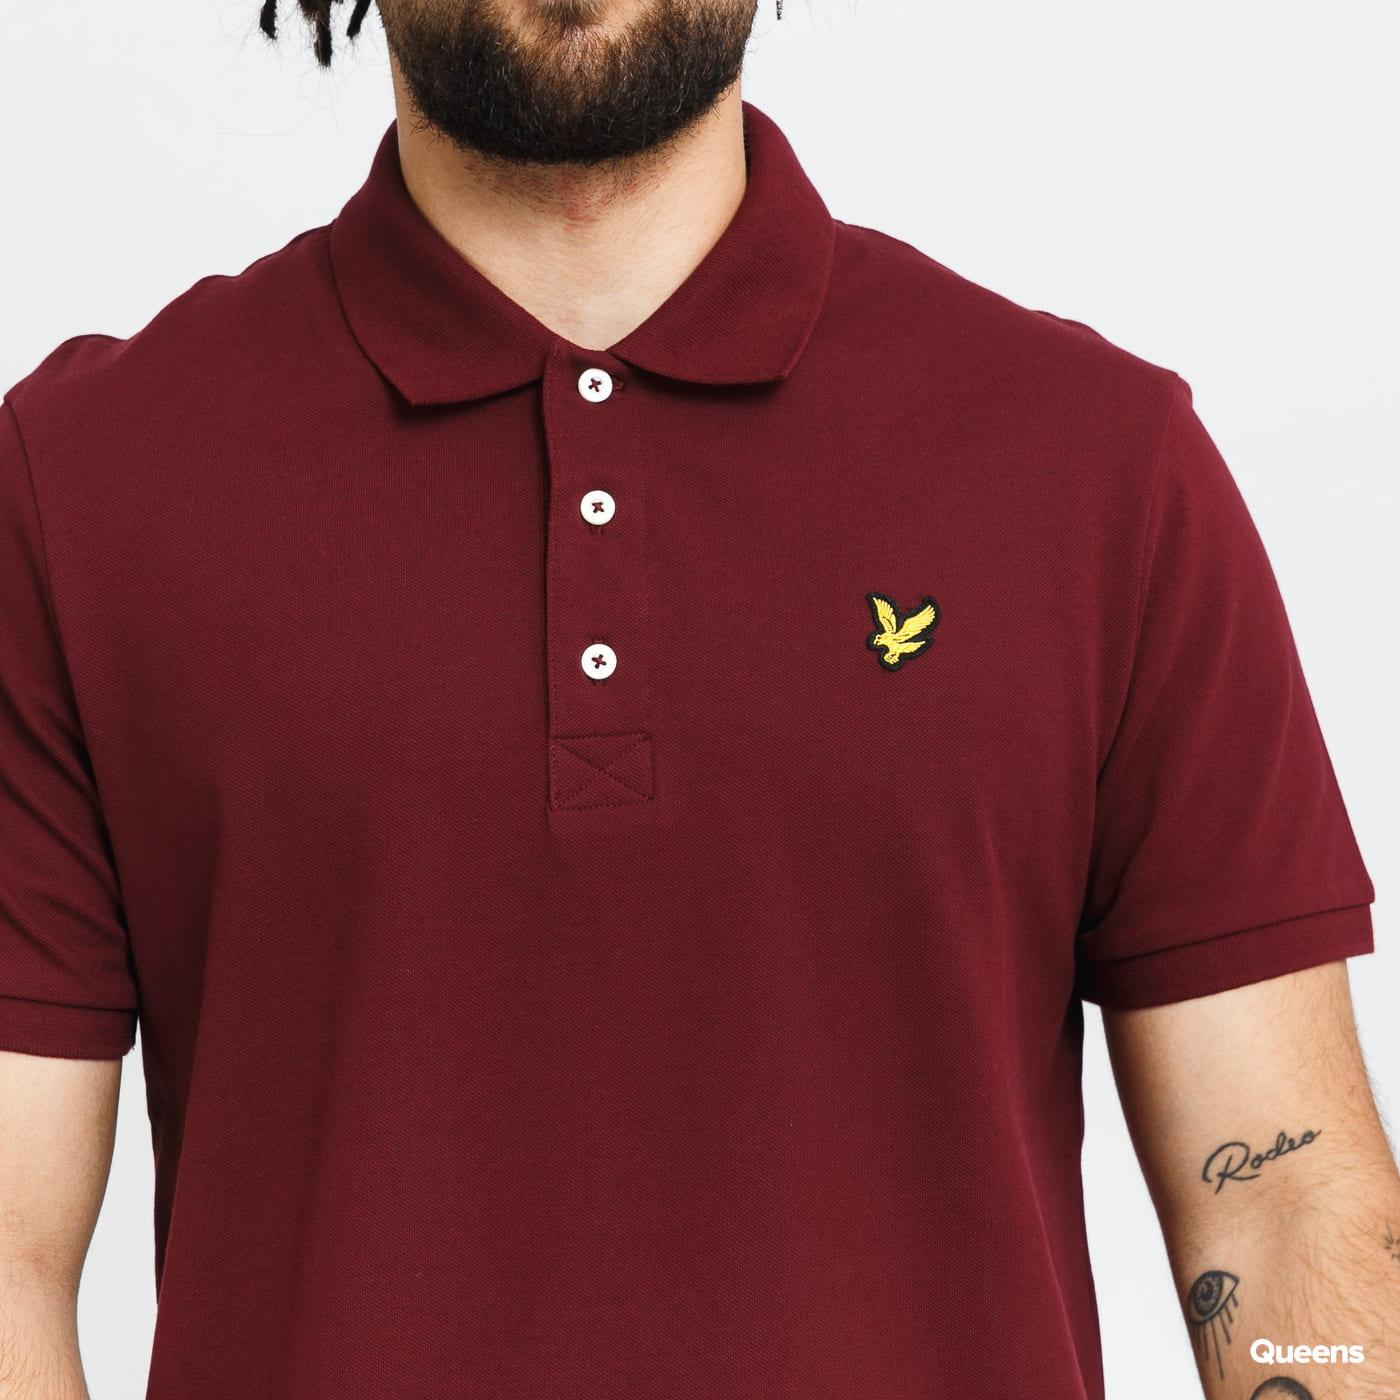 Lyle & Scott Plain Polo Shirt bordeaux